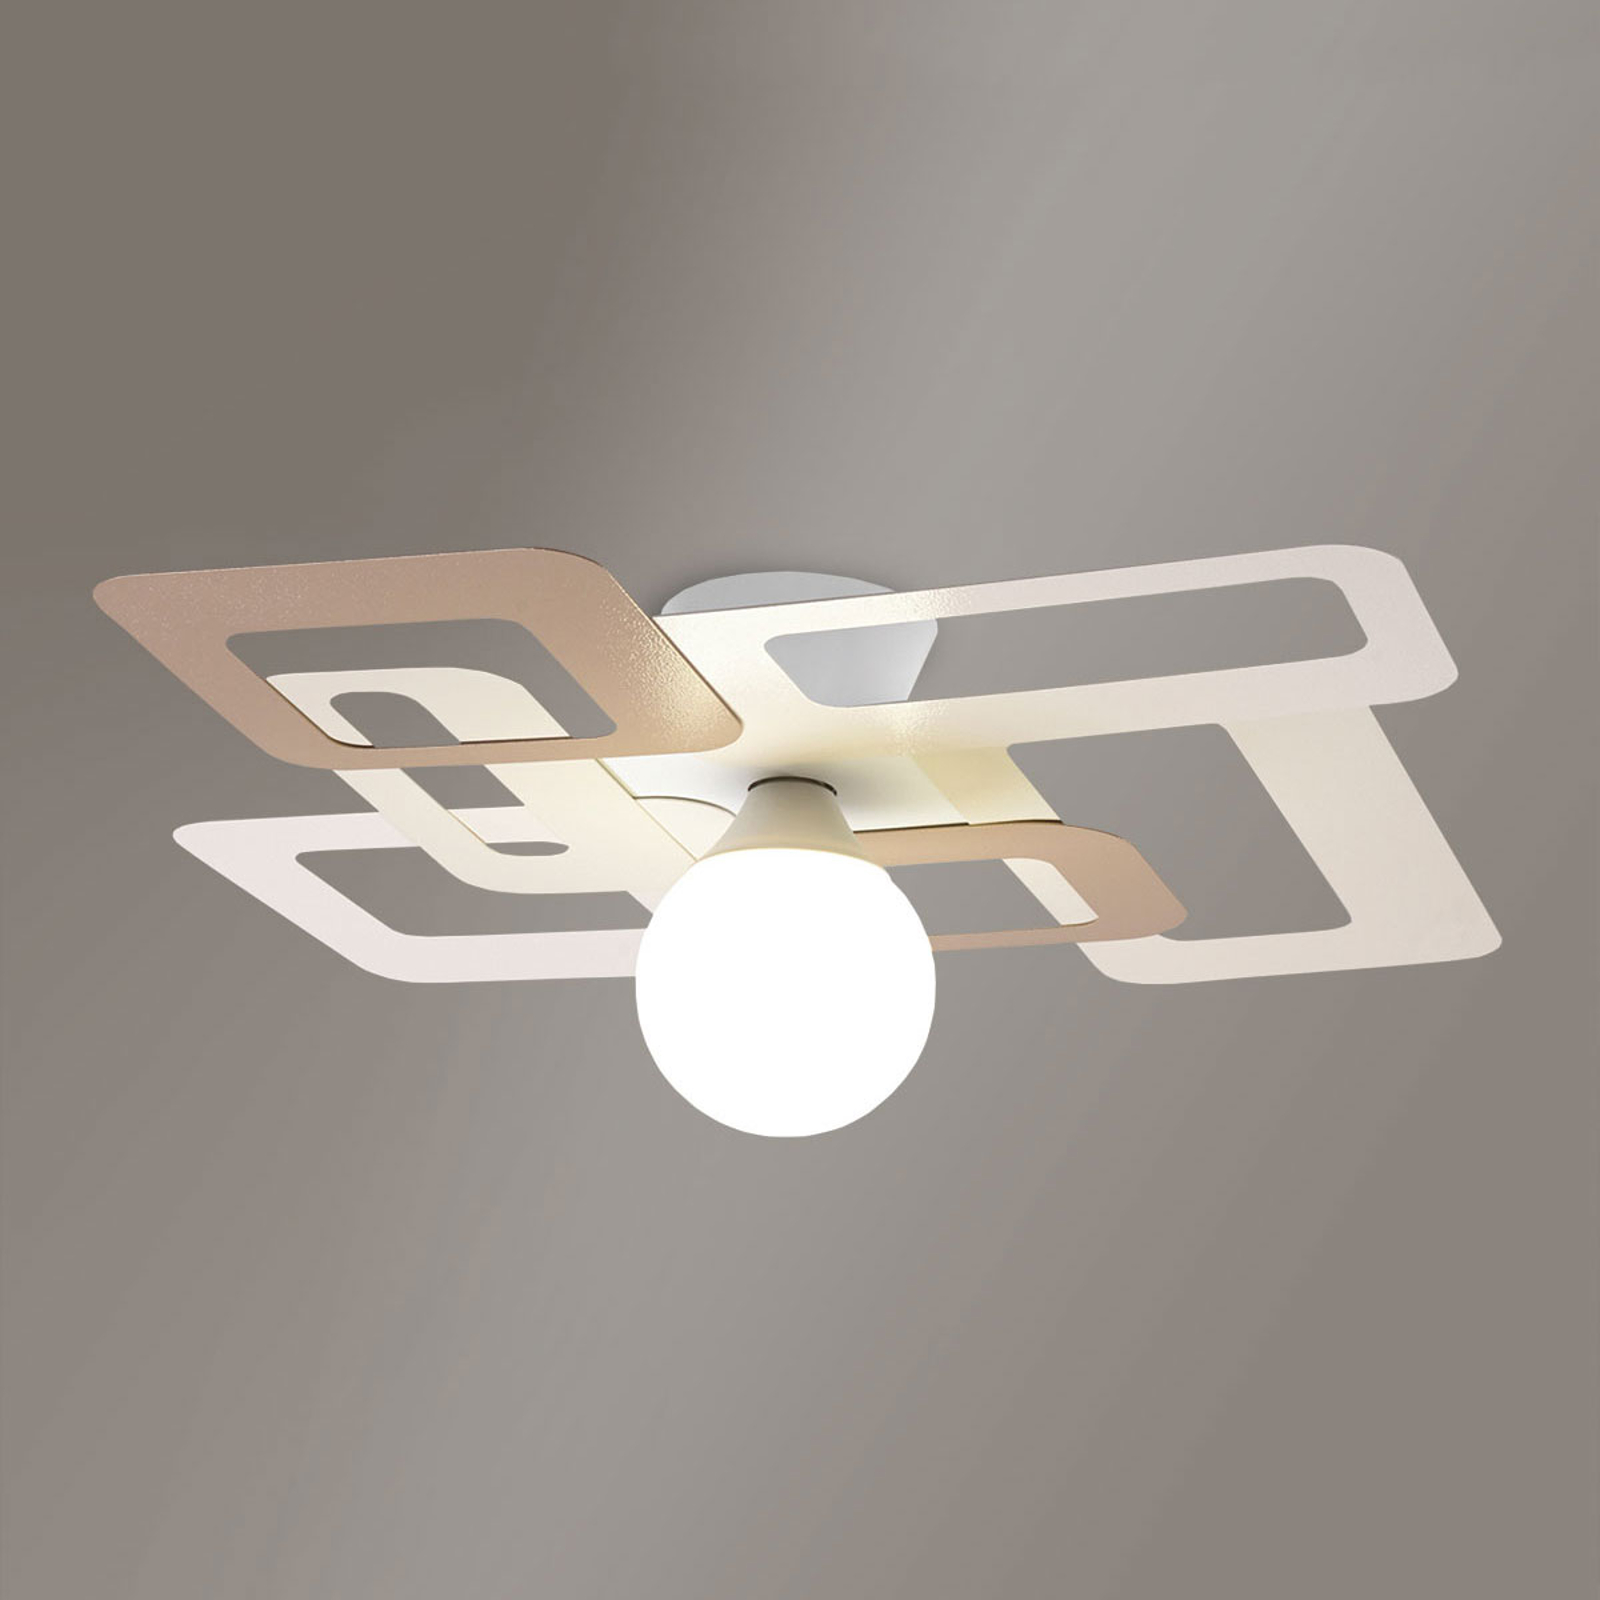 Niezwykła lampa sufitowa KUADRA